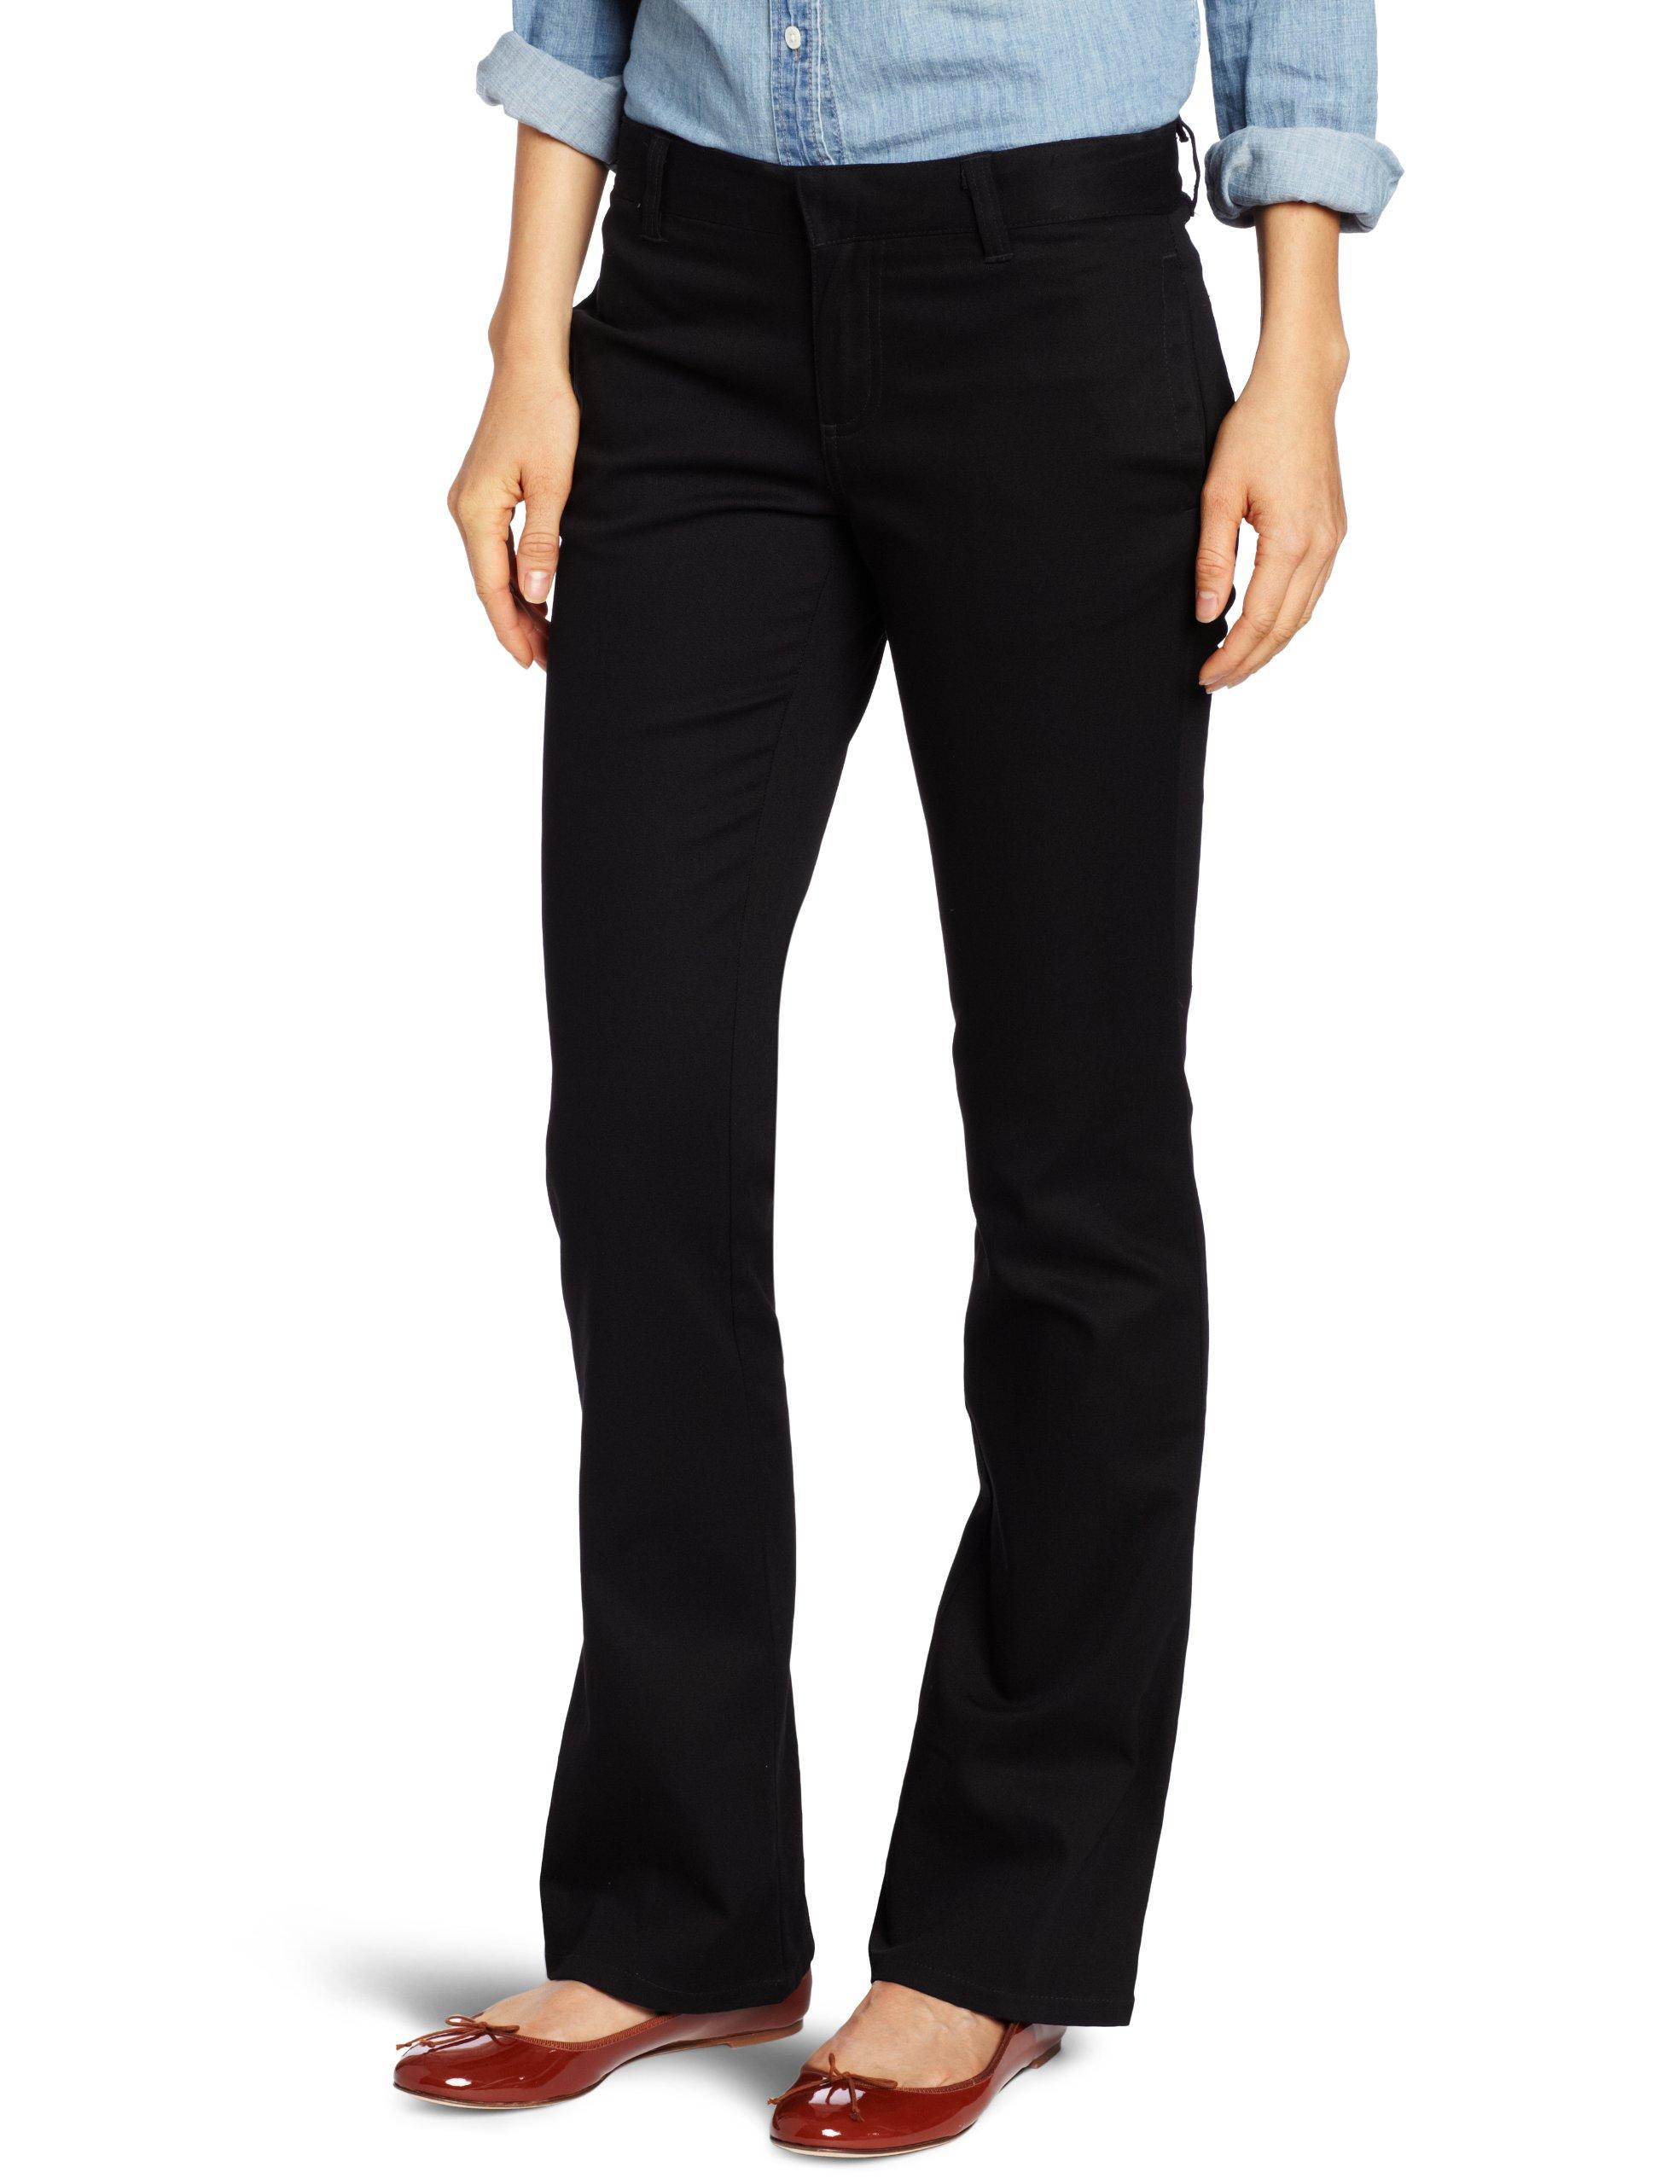 LEE Uniforms Juniors Original Bootleg Pant, Black, 1